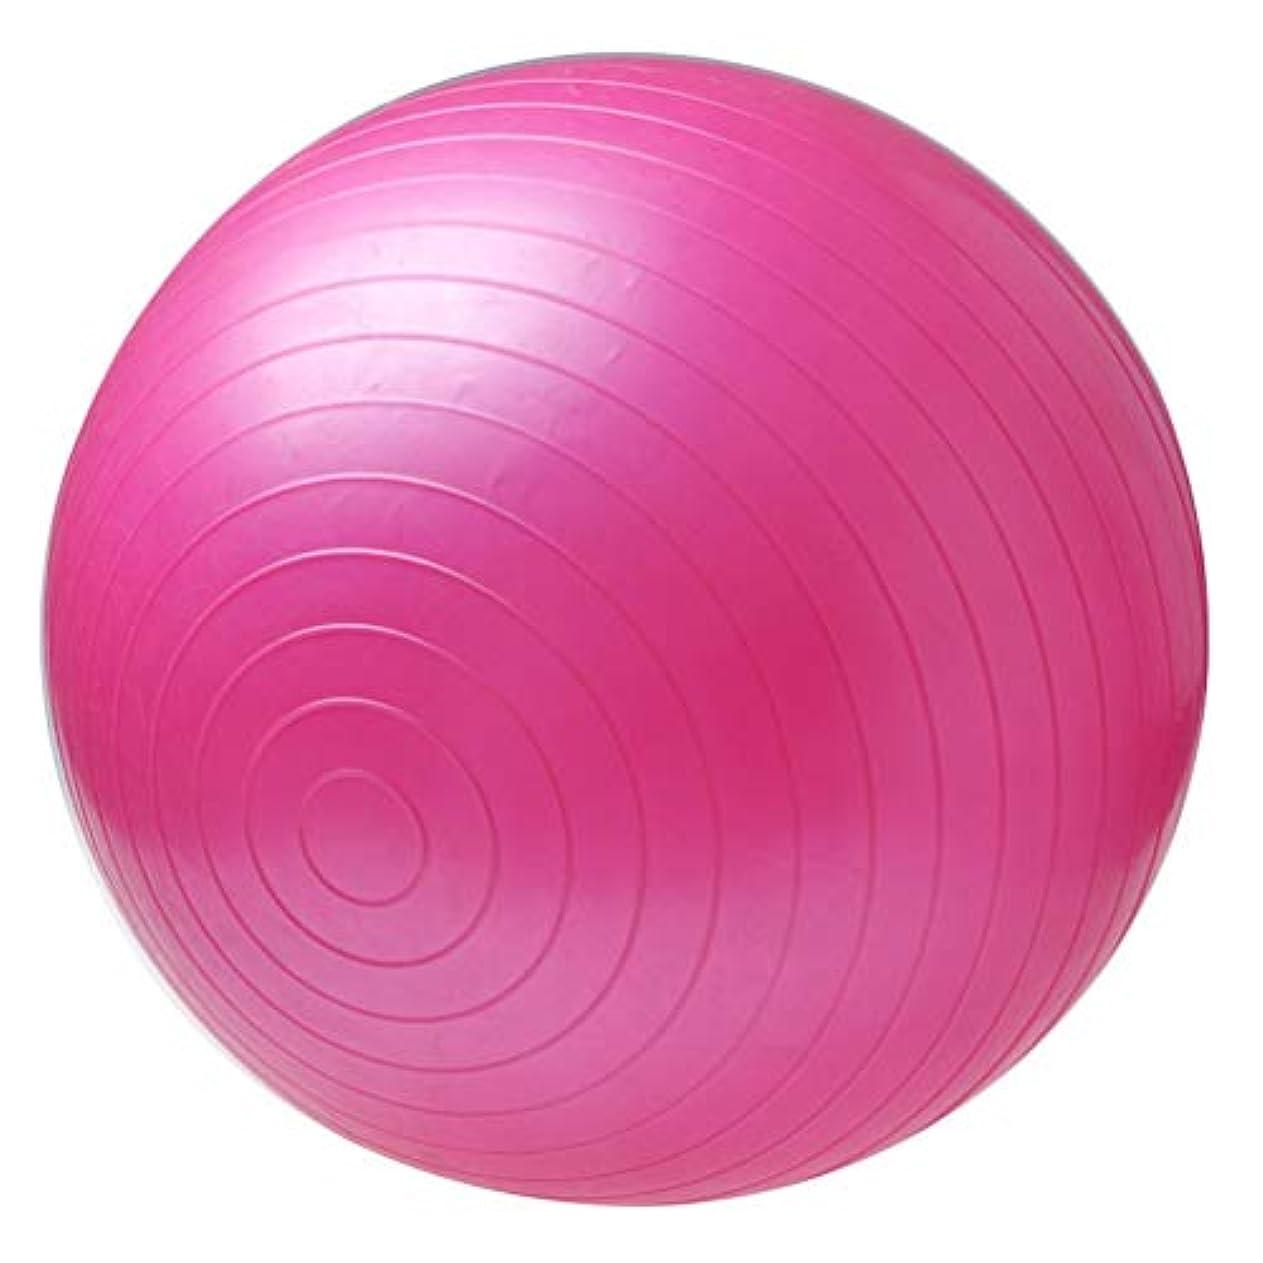 シュリンク米ドル導出非毒性スポーツヨガボールボラピラティスフィットネスジムバランスフィットボールエクササイズピラティスワークアウトマッサージボール - ピンク75センチ